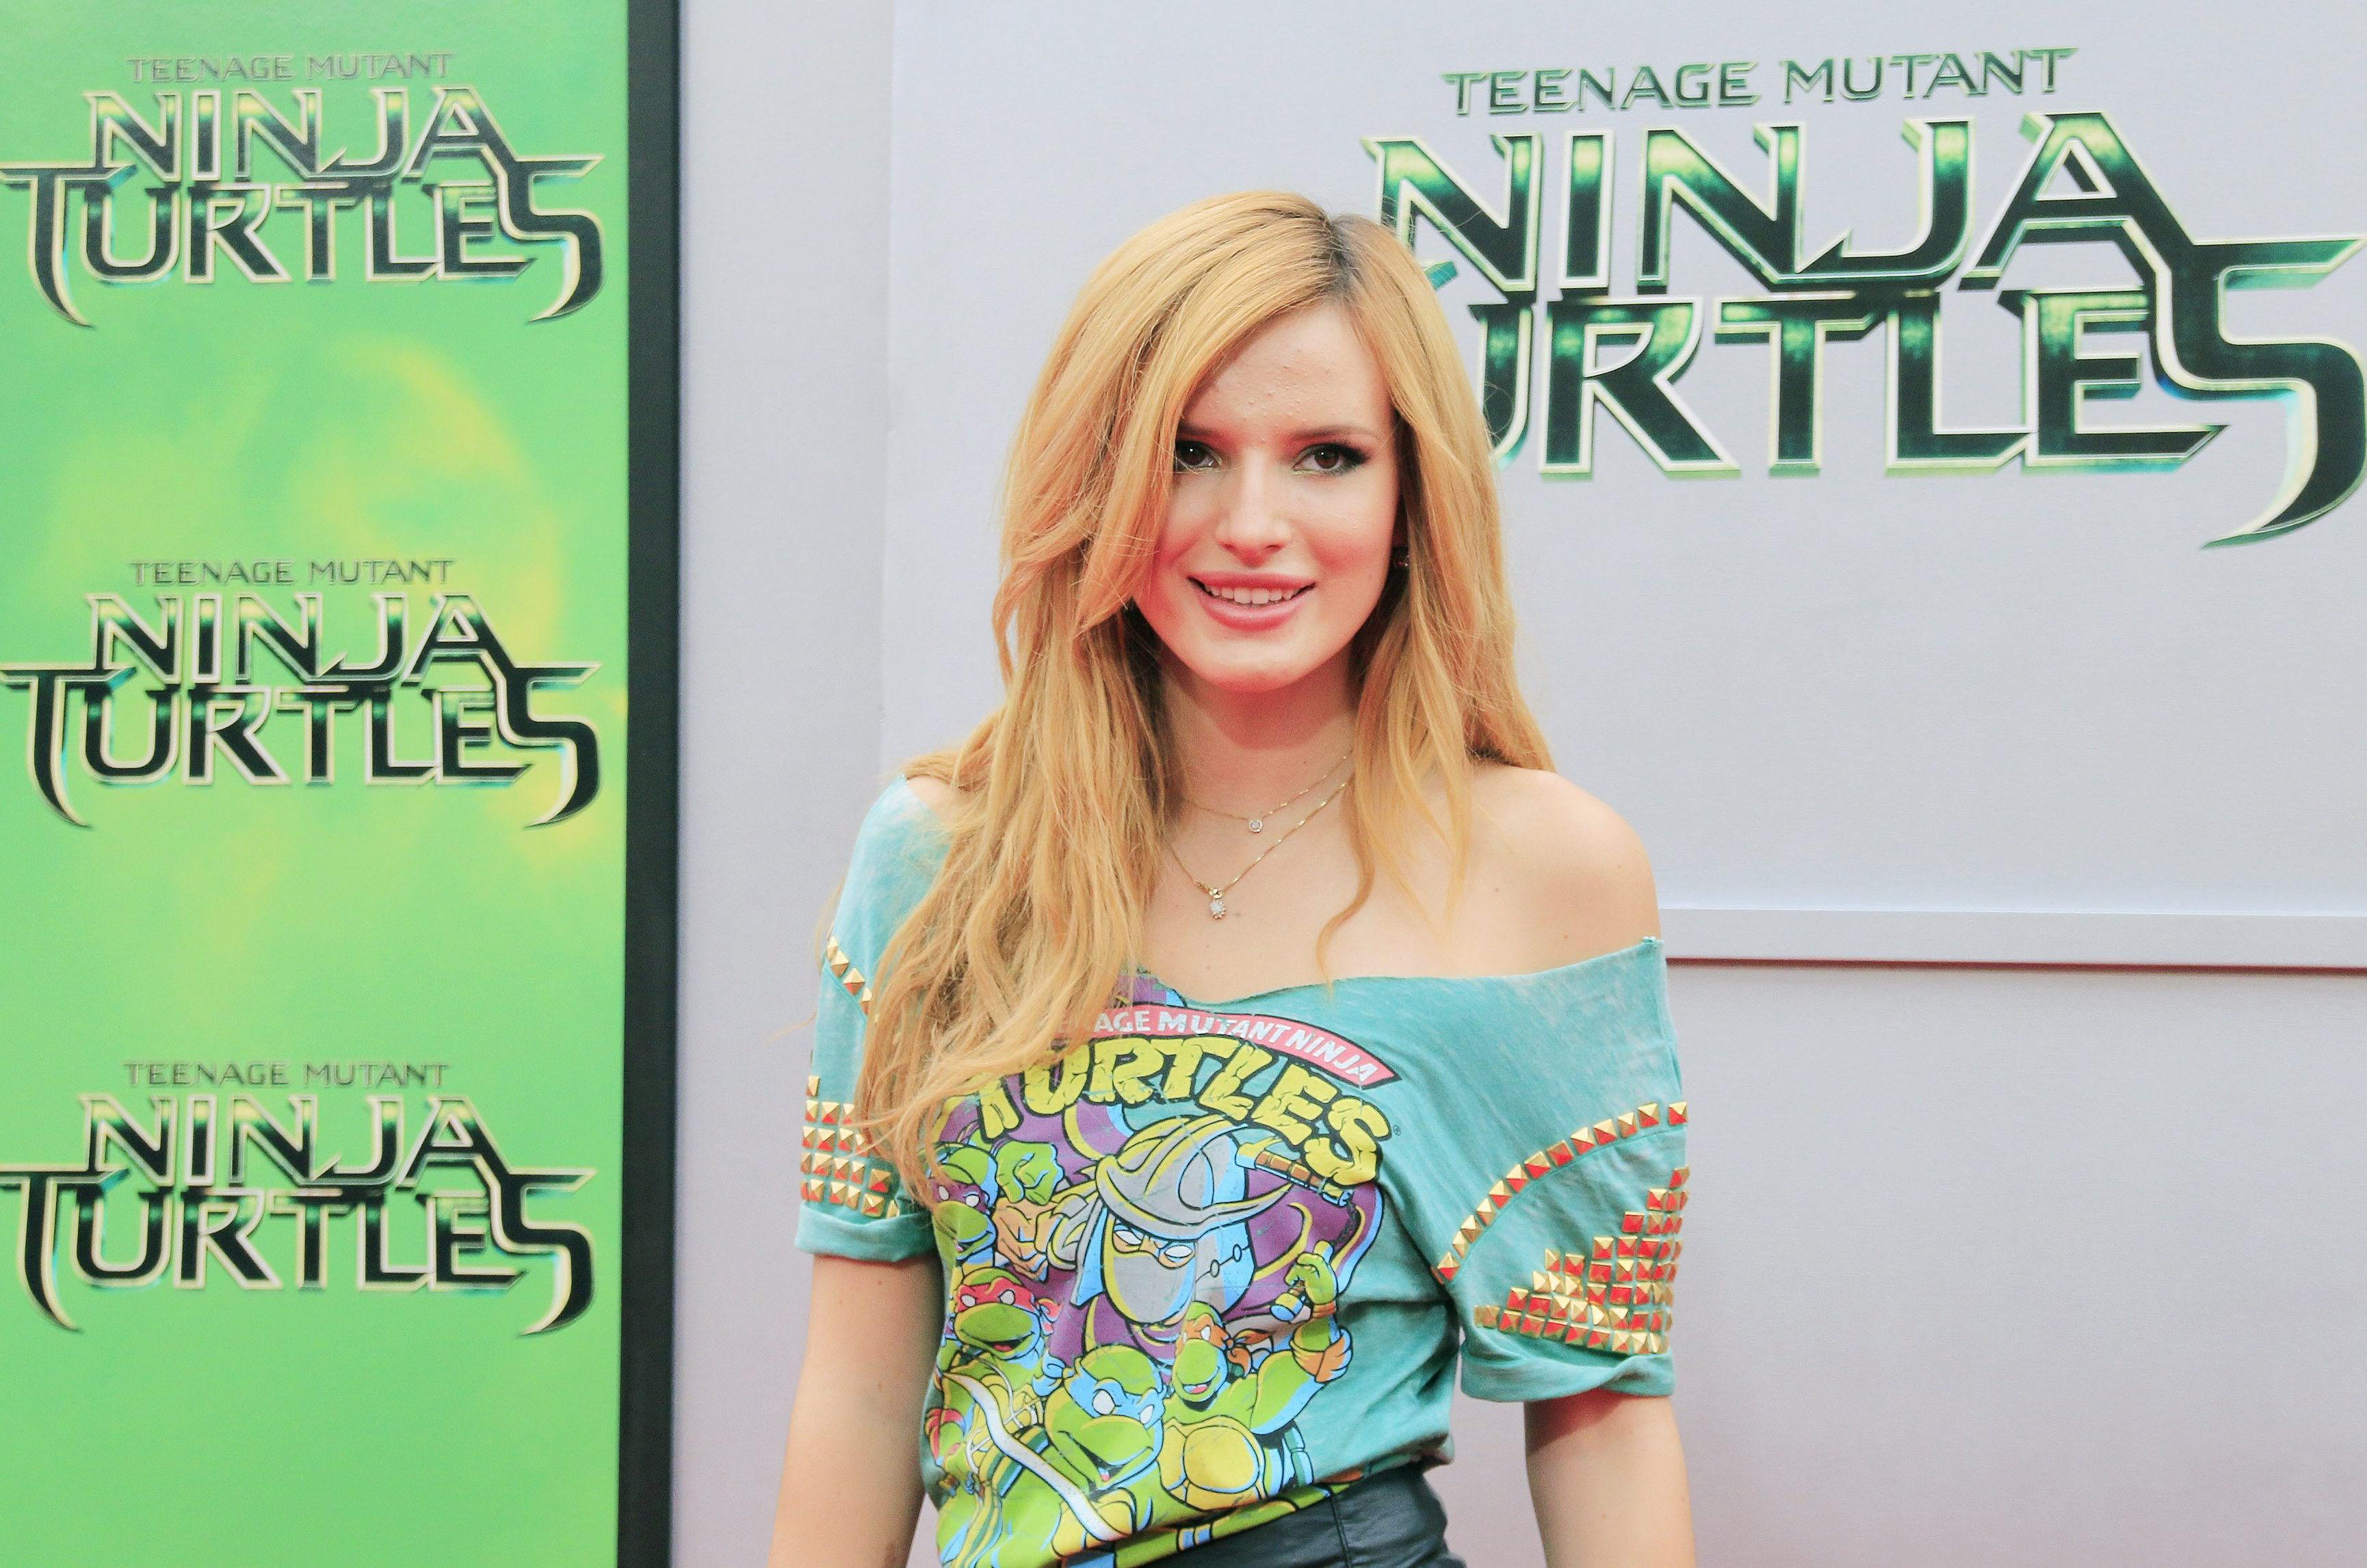 Actriz Porno Que Critica Los Deportes bella thorne pasó de ser actriz de disney al cine porno